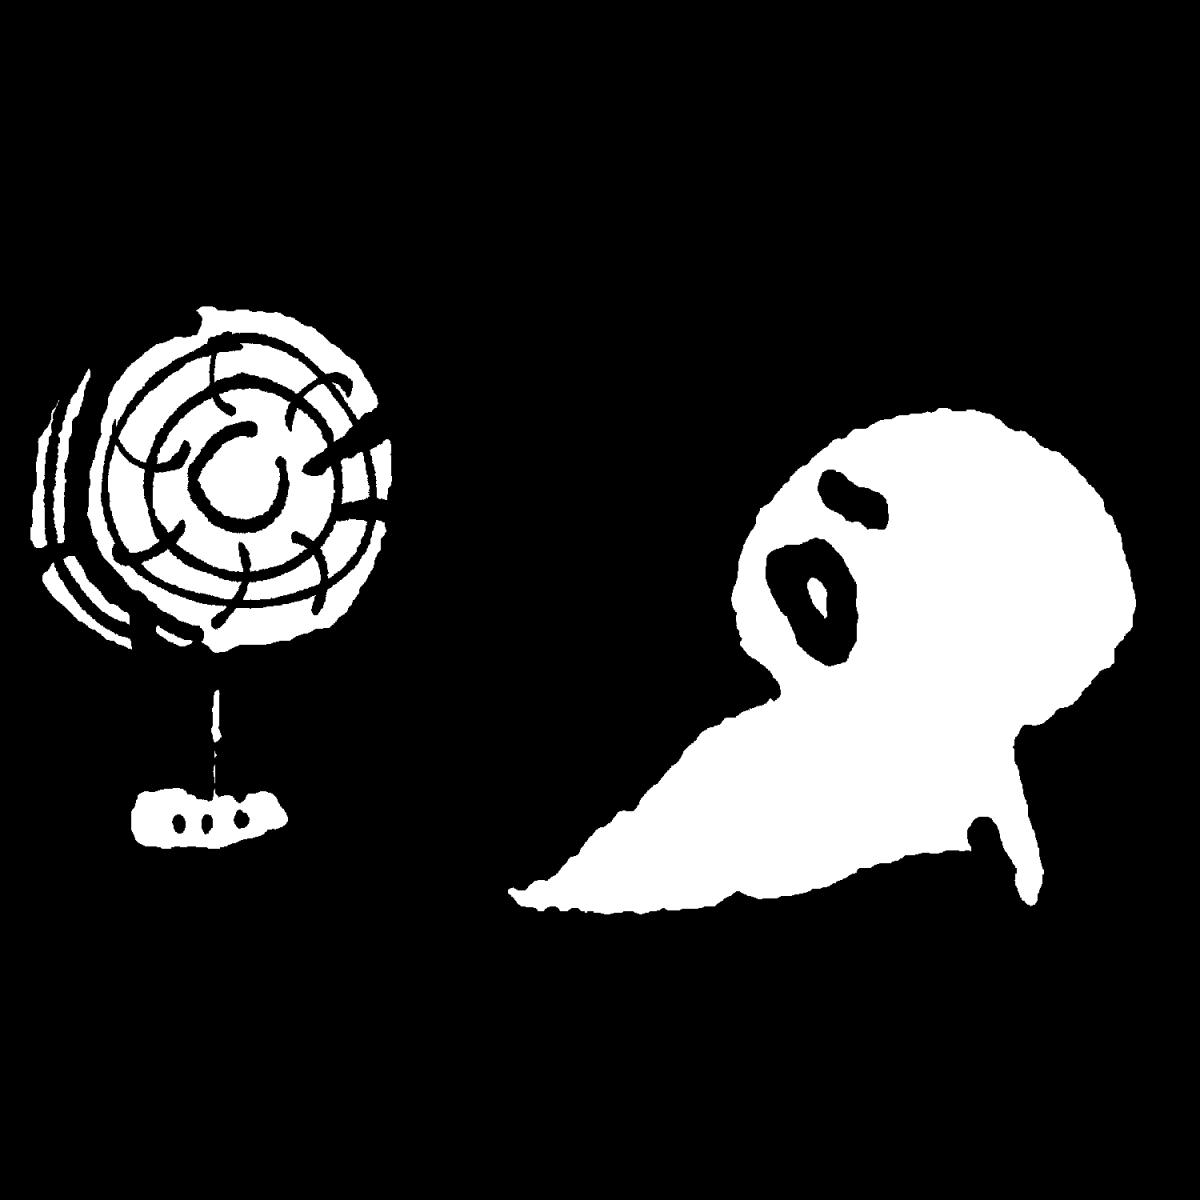 すずしい扇風機のイラスト / Cool fan Illustration